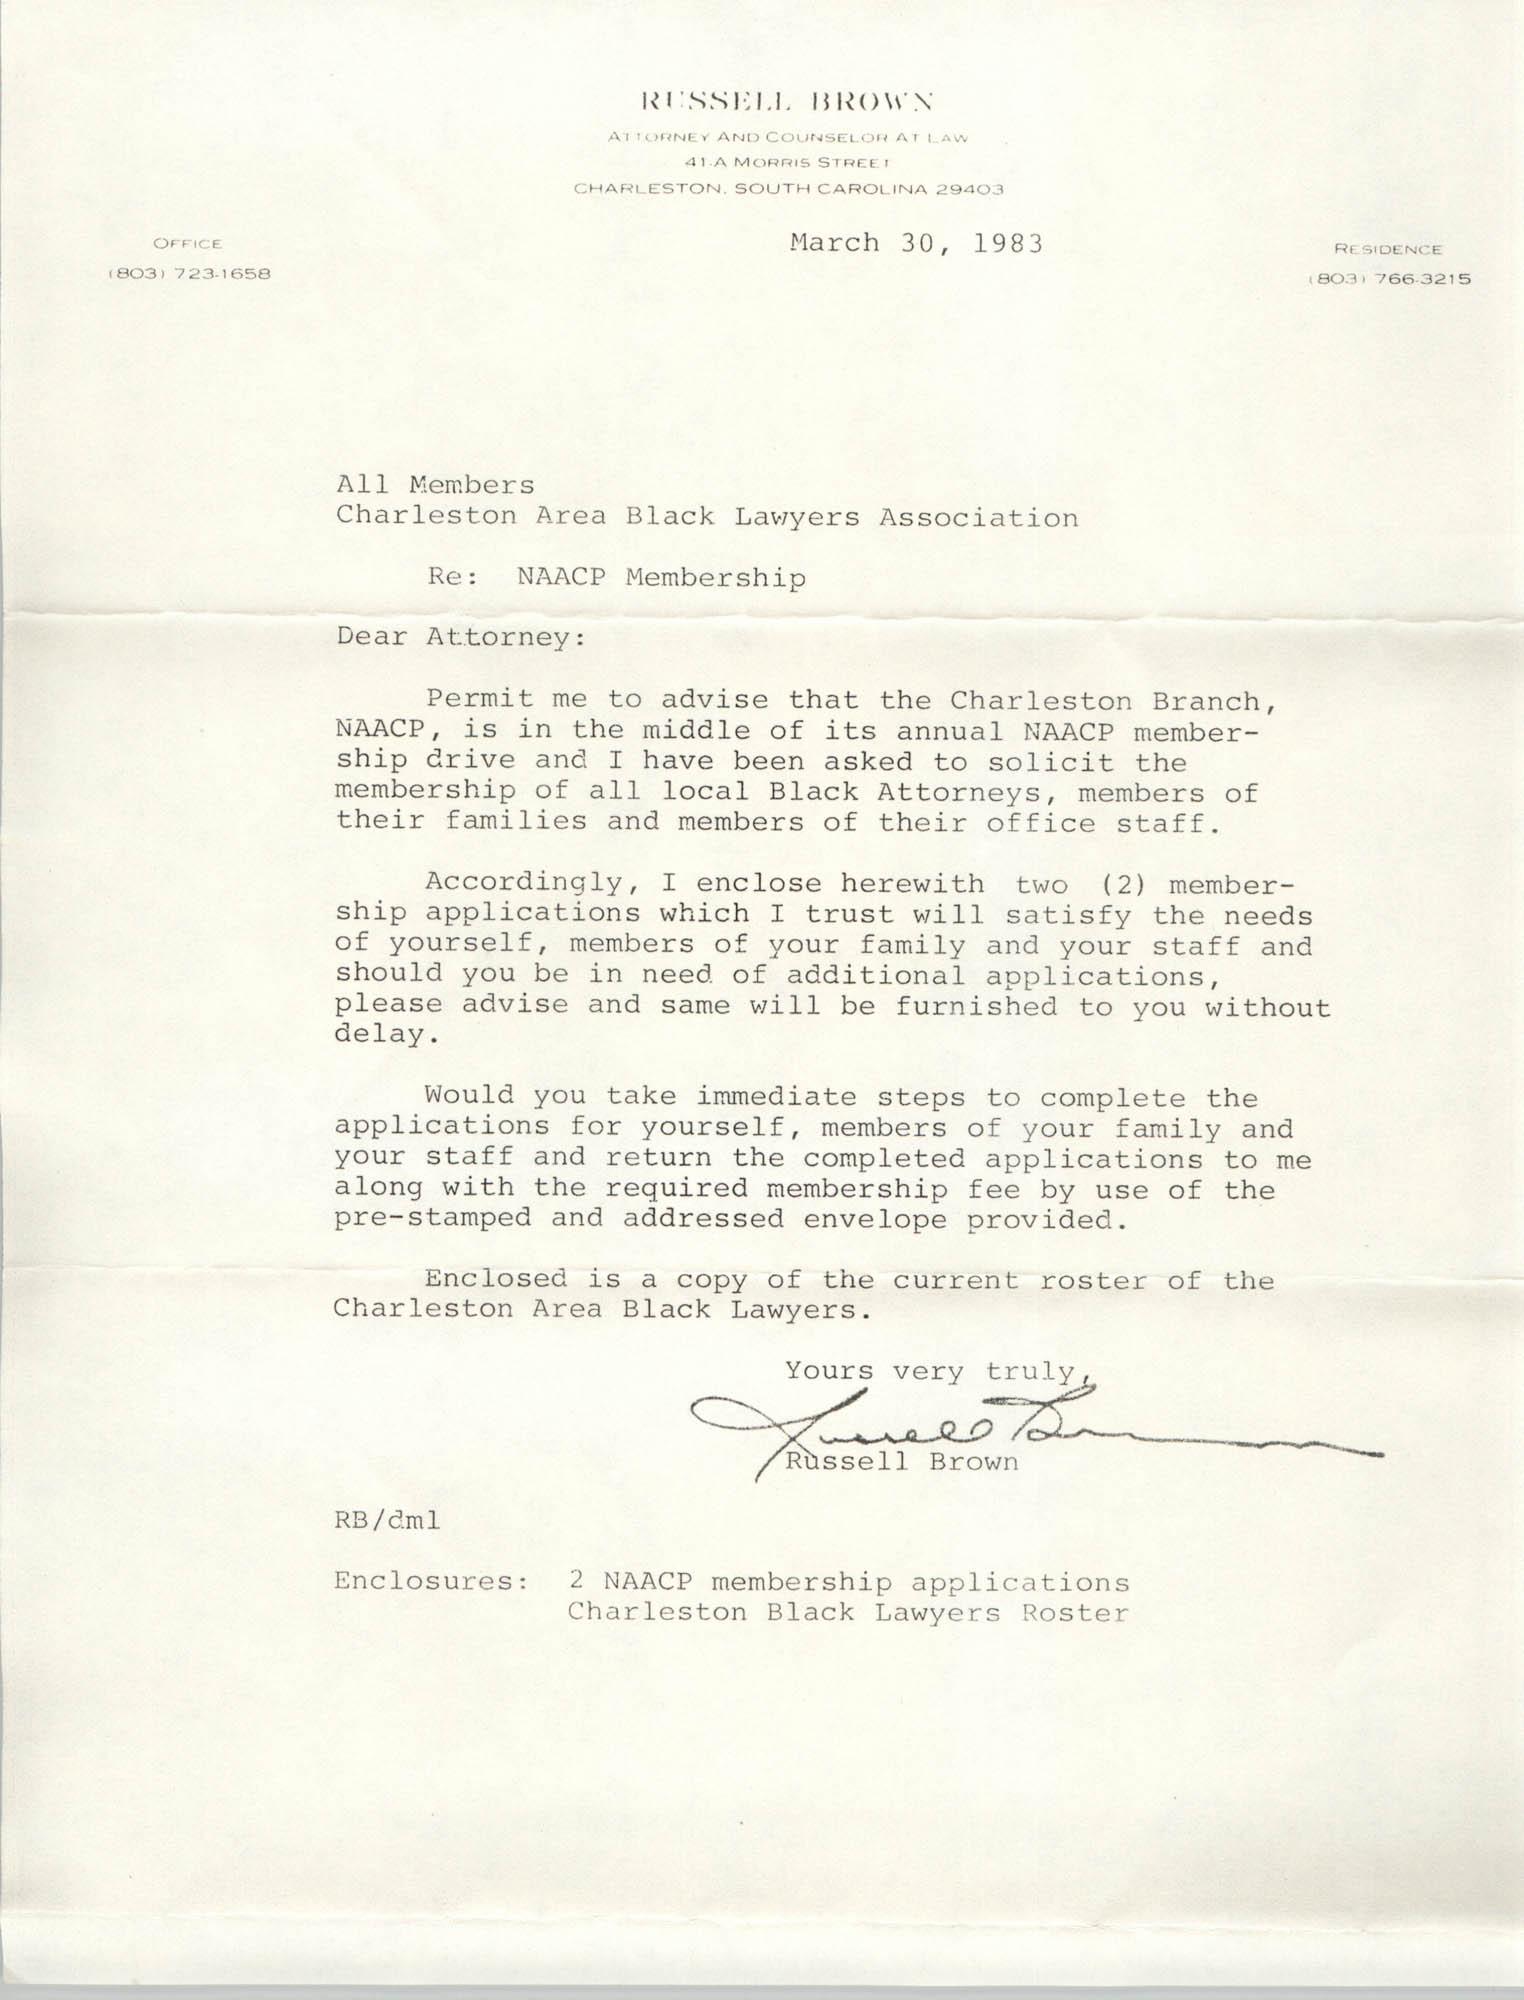 Memorandum, Russell Brown, March 30, 1983